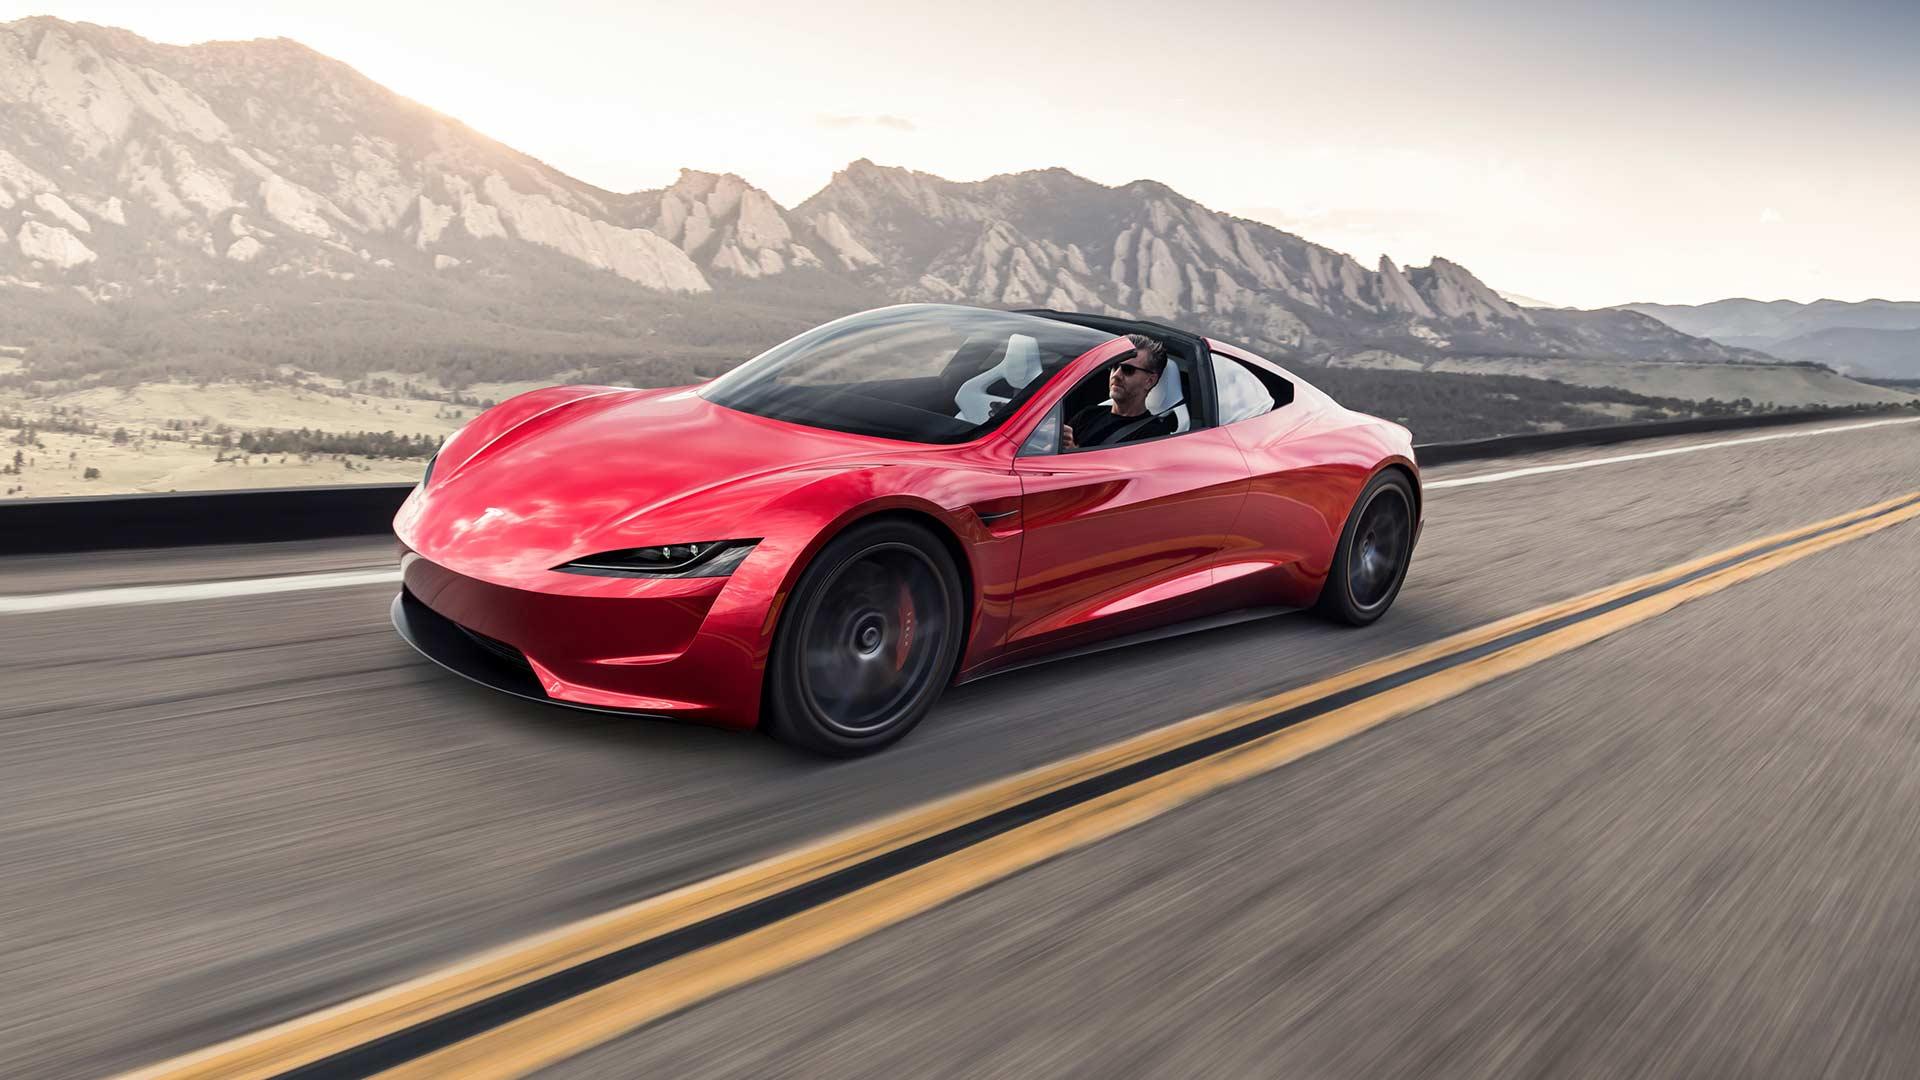 Image: Courtesy of Tesla, Inc.